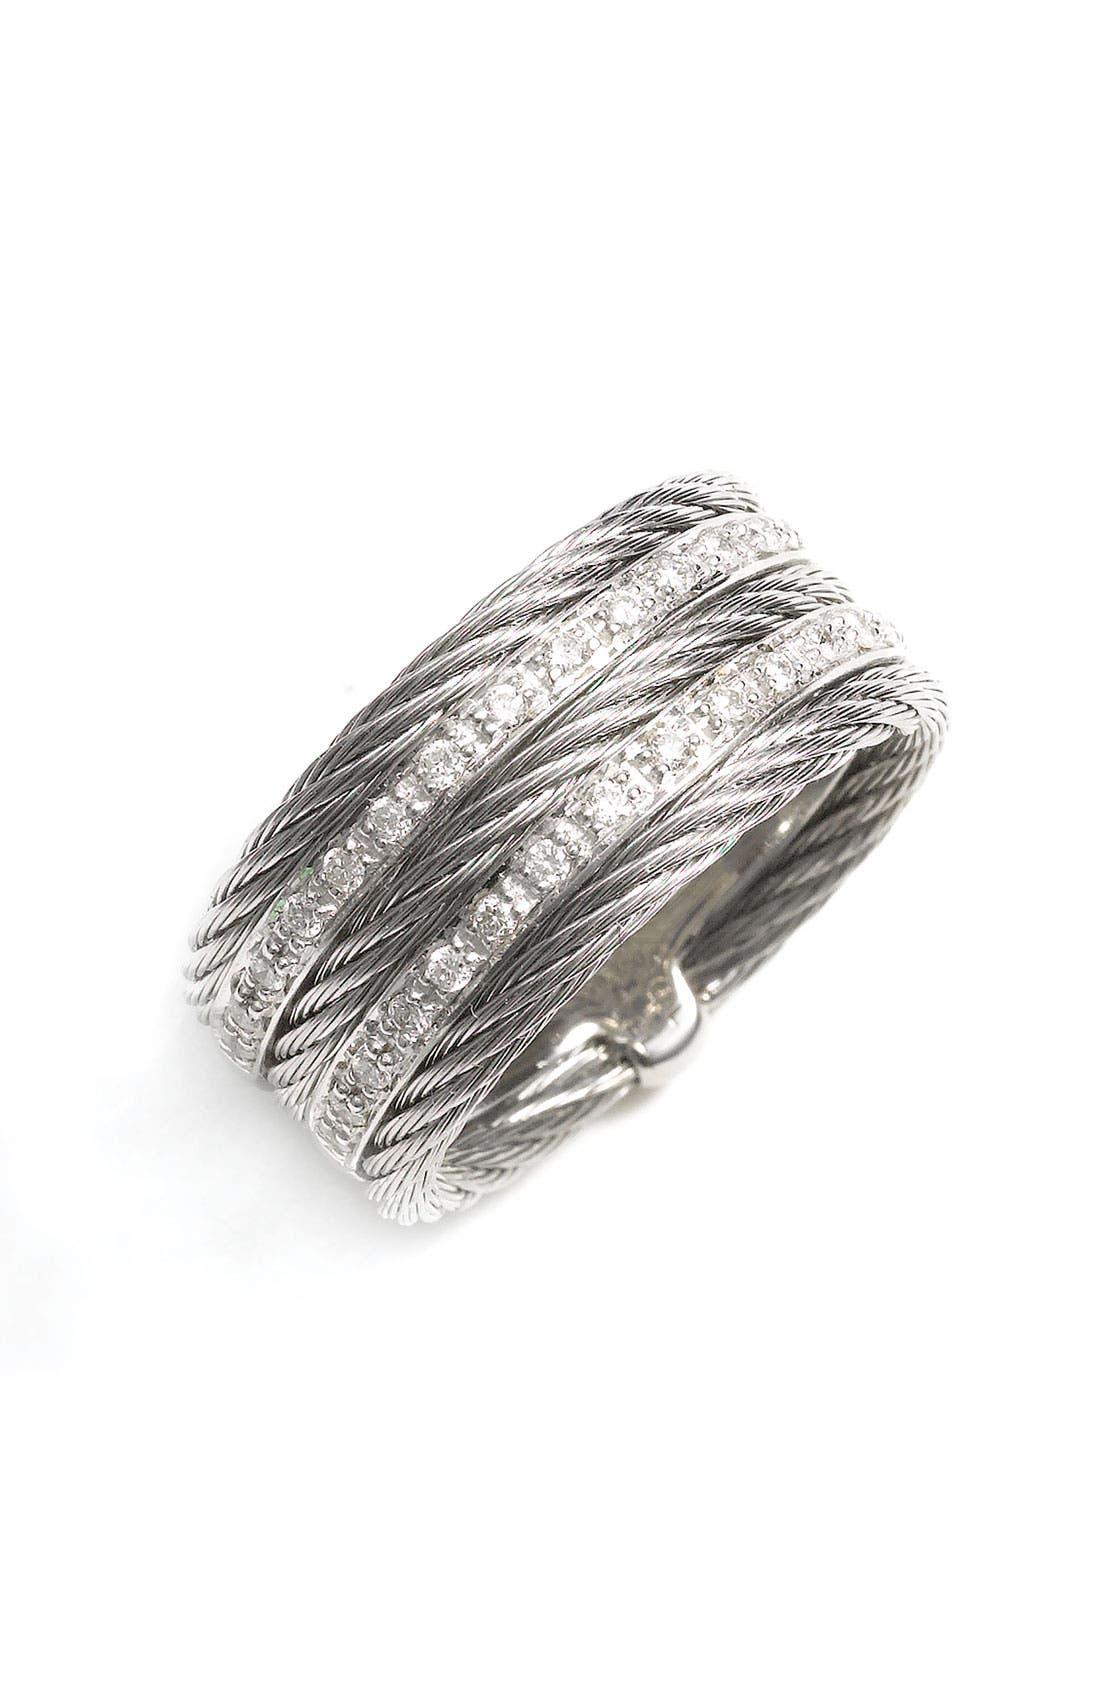 Main Image - ALOR® 5 Row Diamond Ring